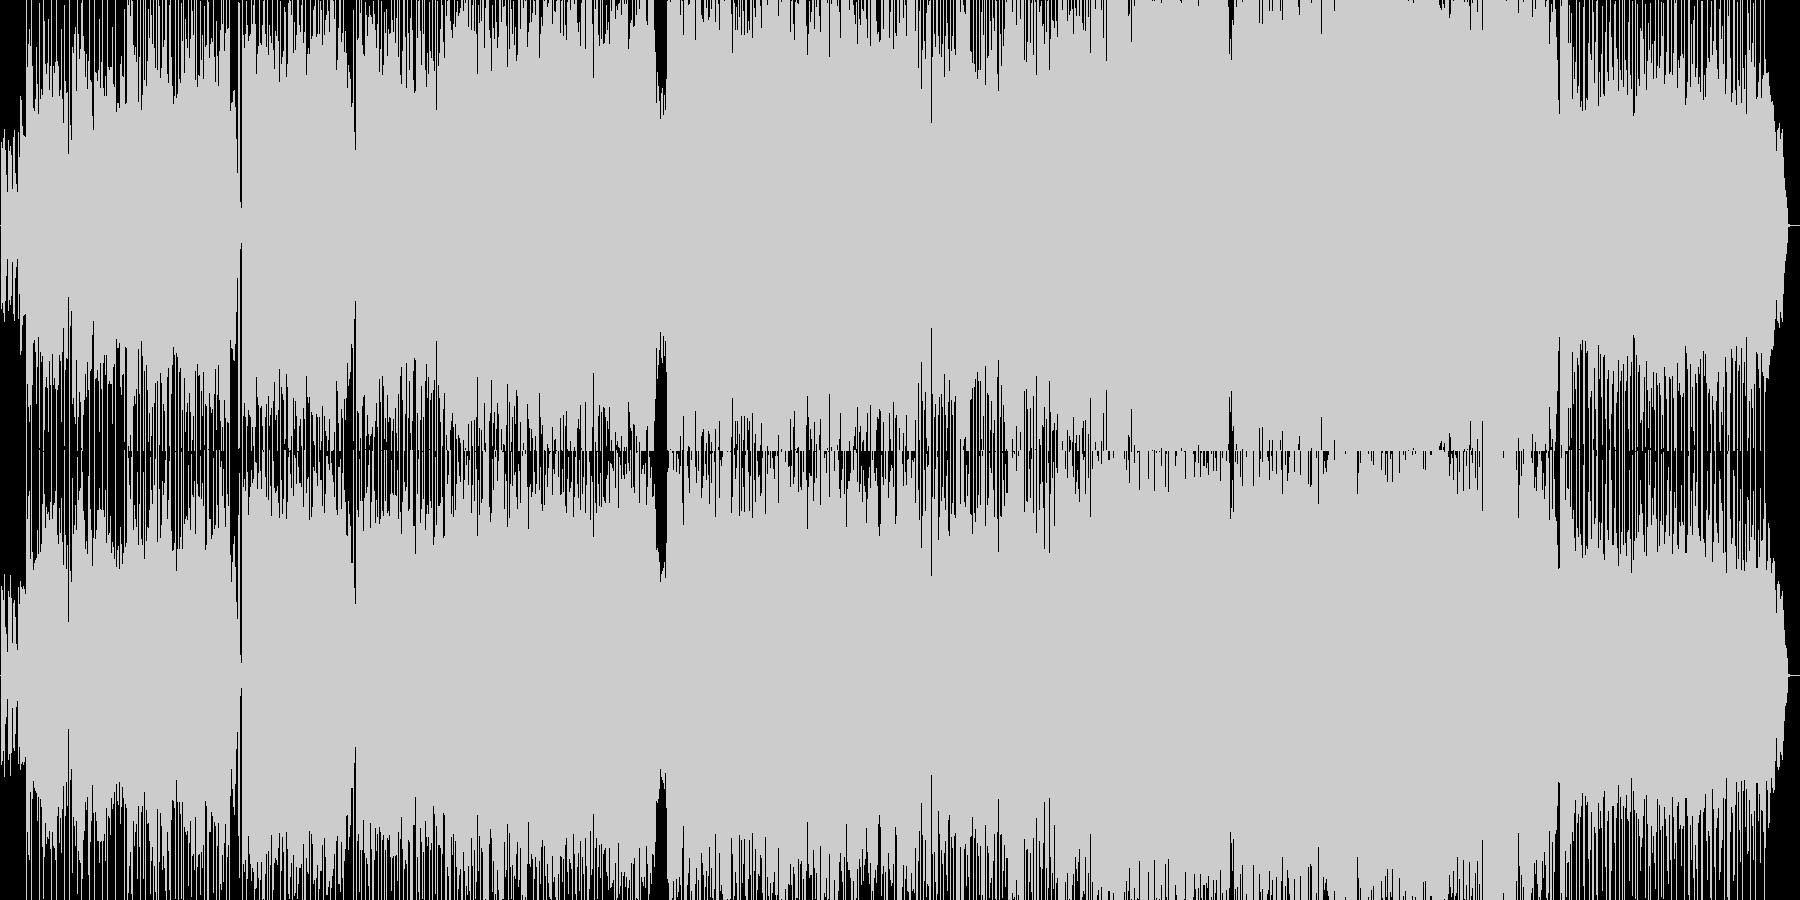 ほのぼのしたフォークな雰囲気のポップスの未再生の波形